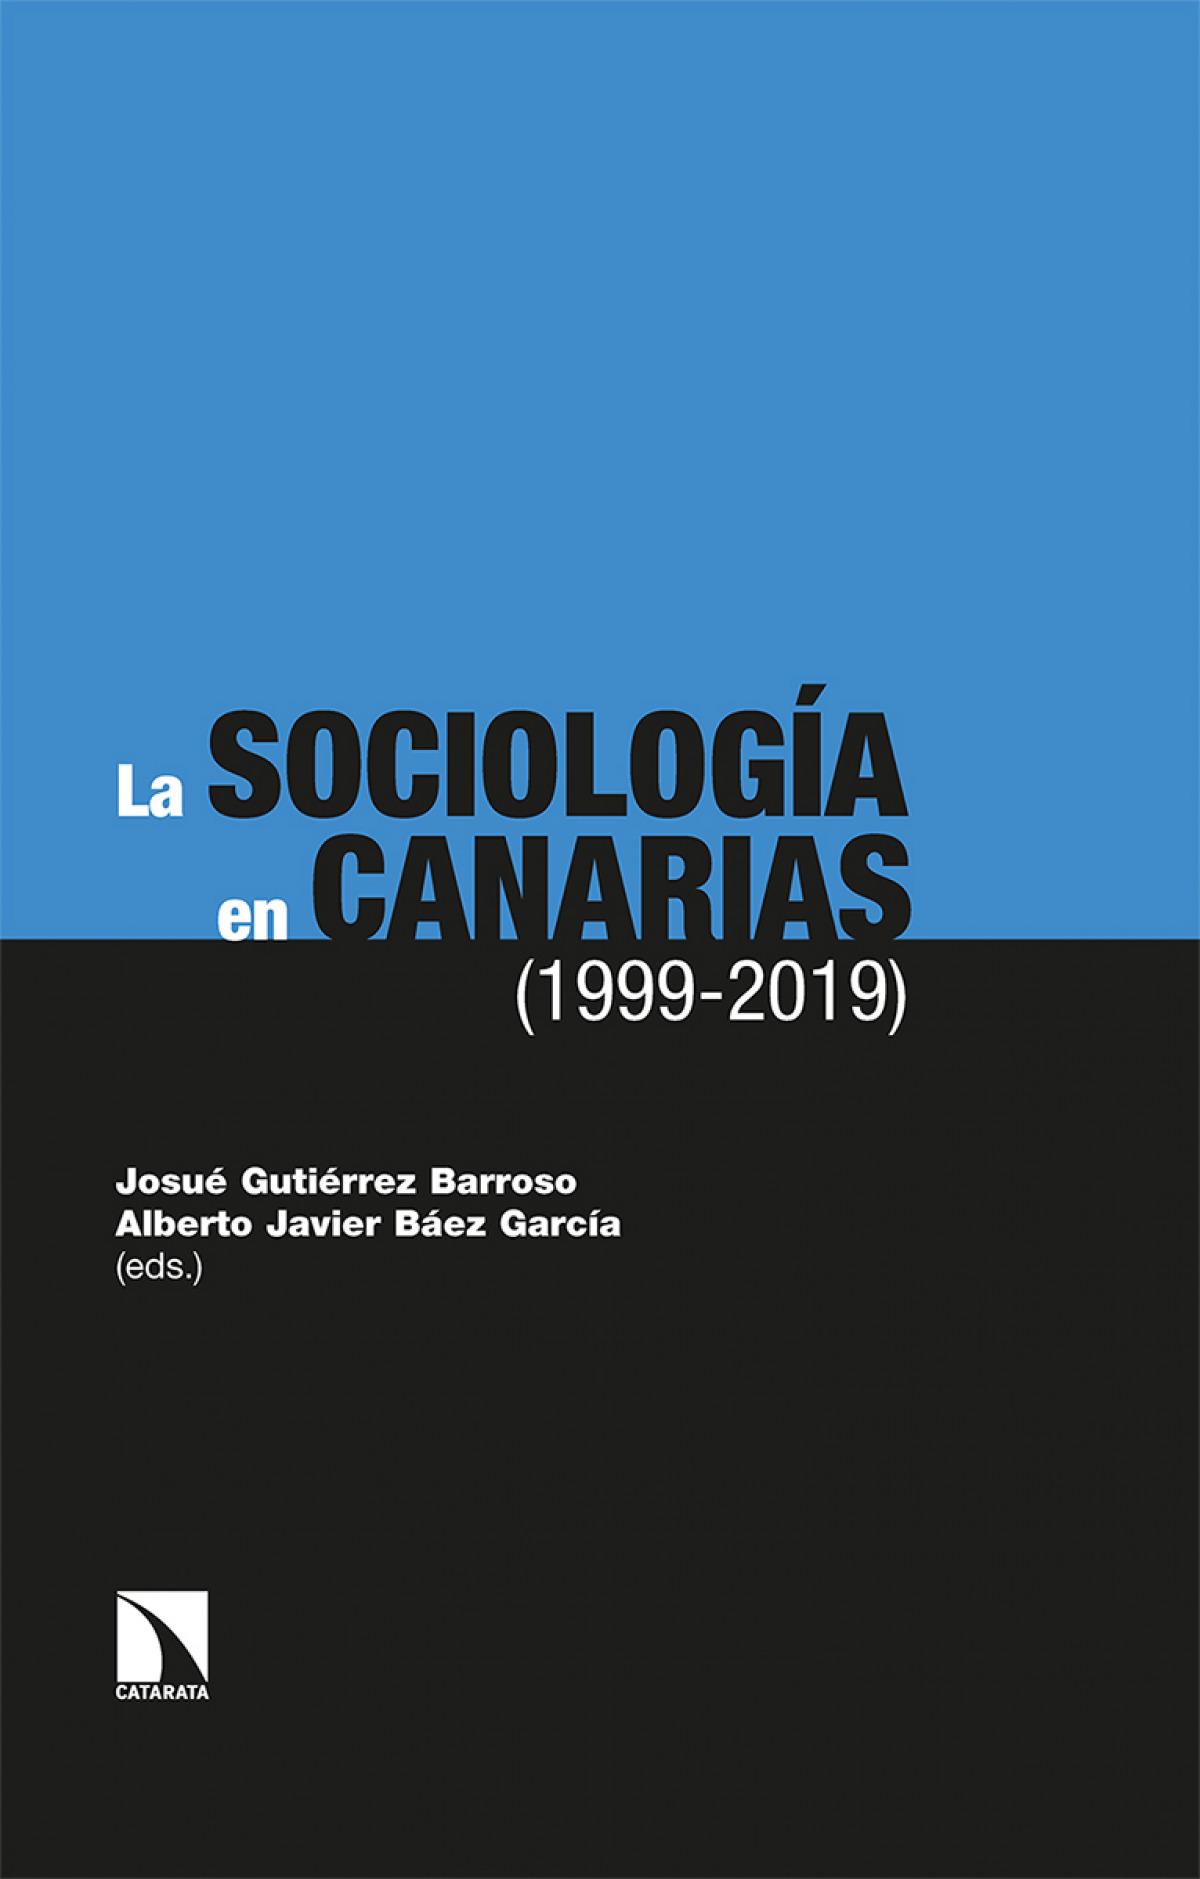 La Sociolog¡a en Canarias (1999-2019)